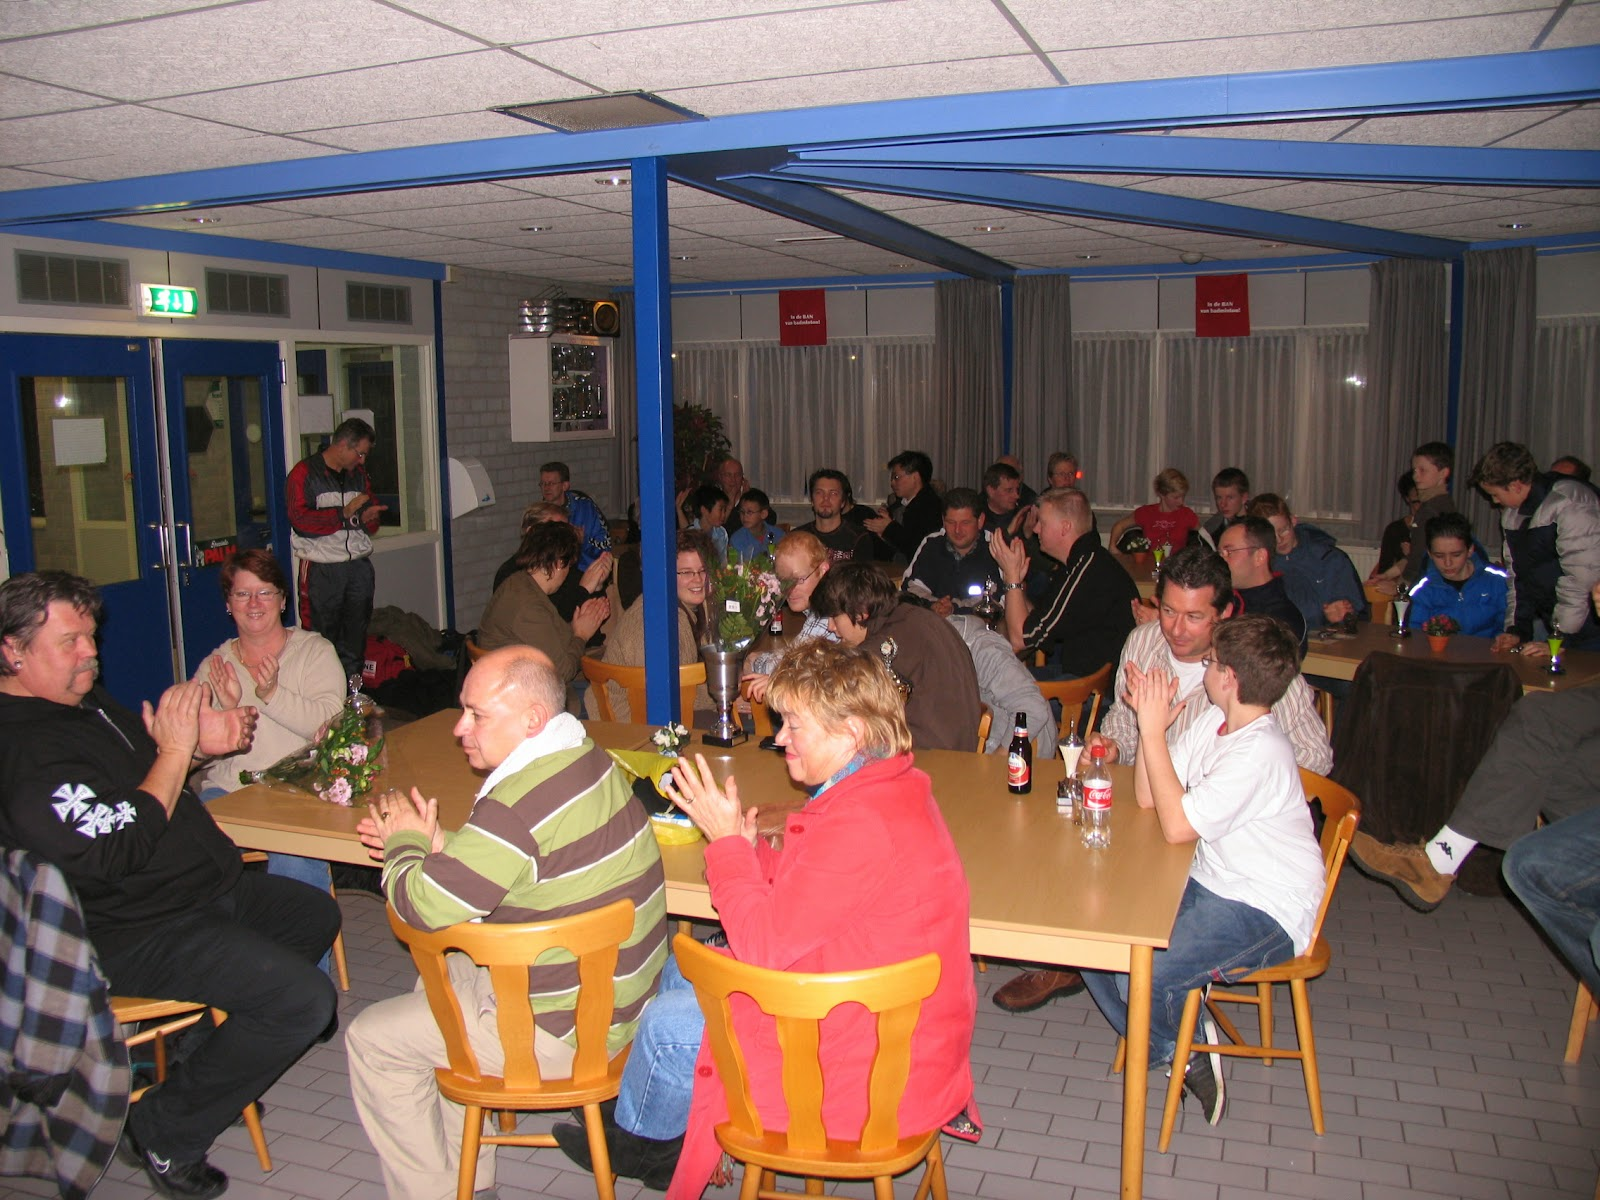 Hooglandse Kampioenschappen 2007